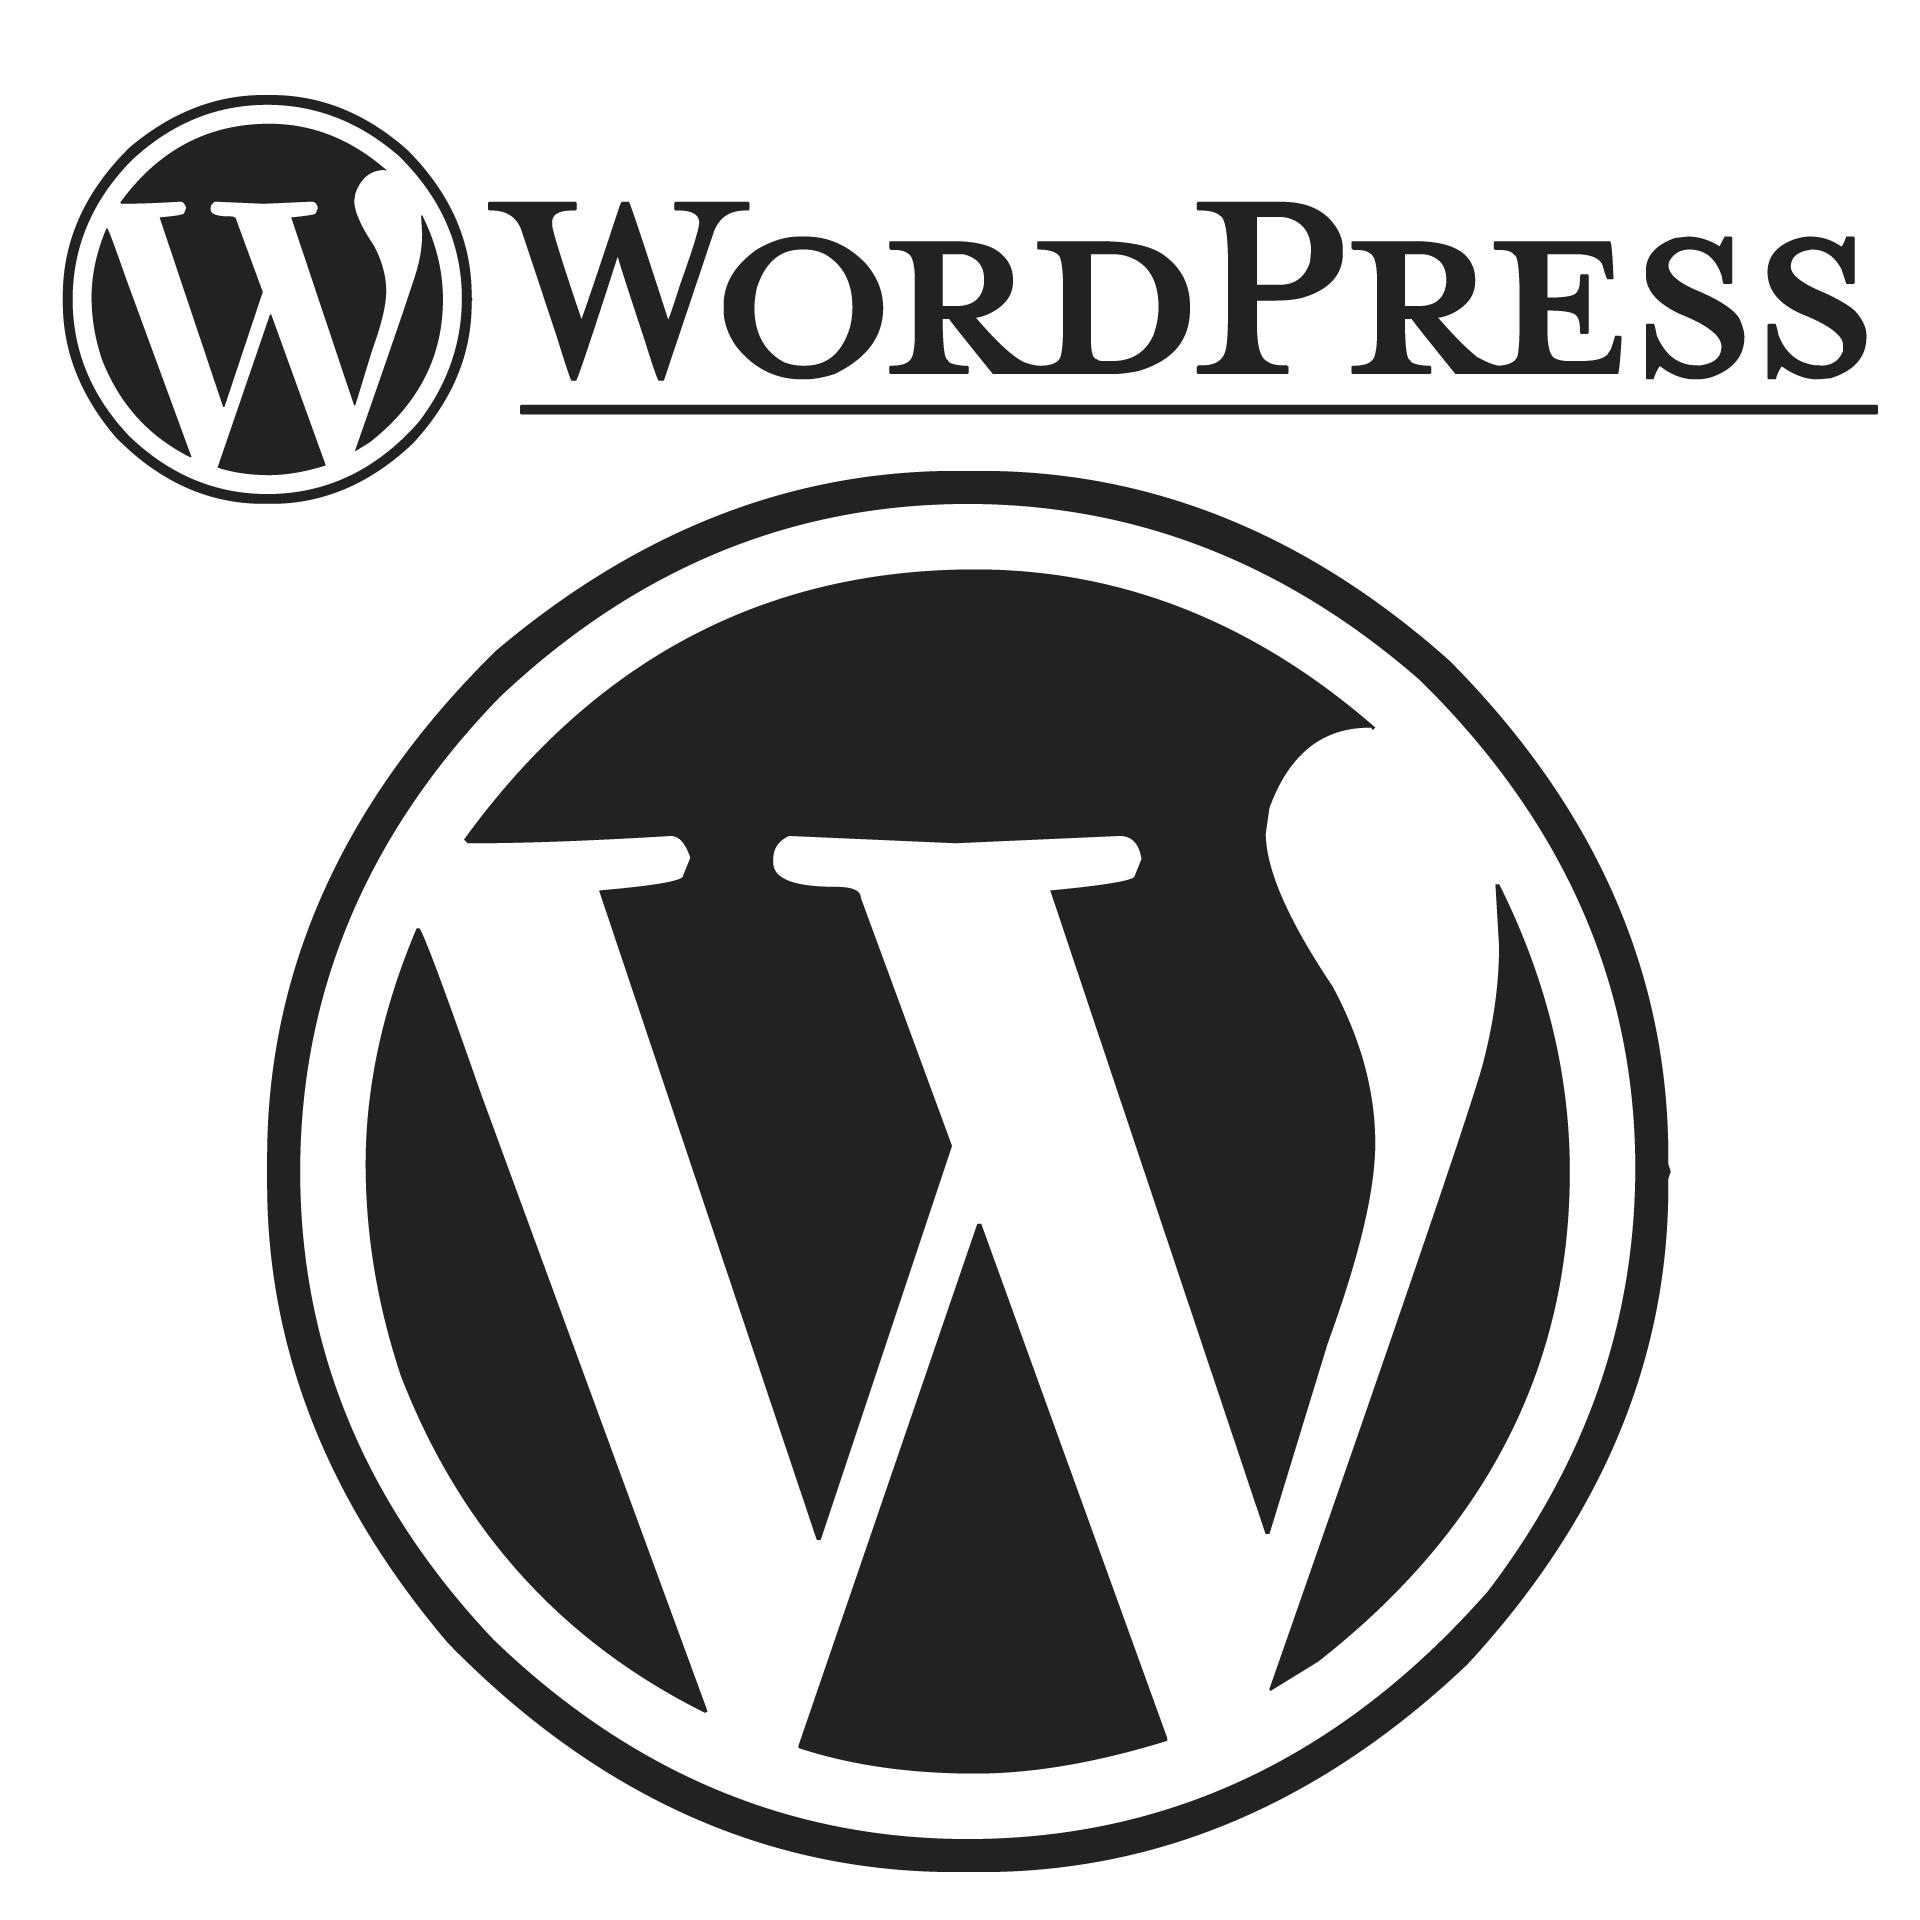 wordpress 1288020 - 表示されない?!Wordpressウィジェットの作成・編集方法・おすすめまで完全解説